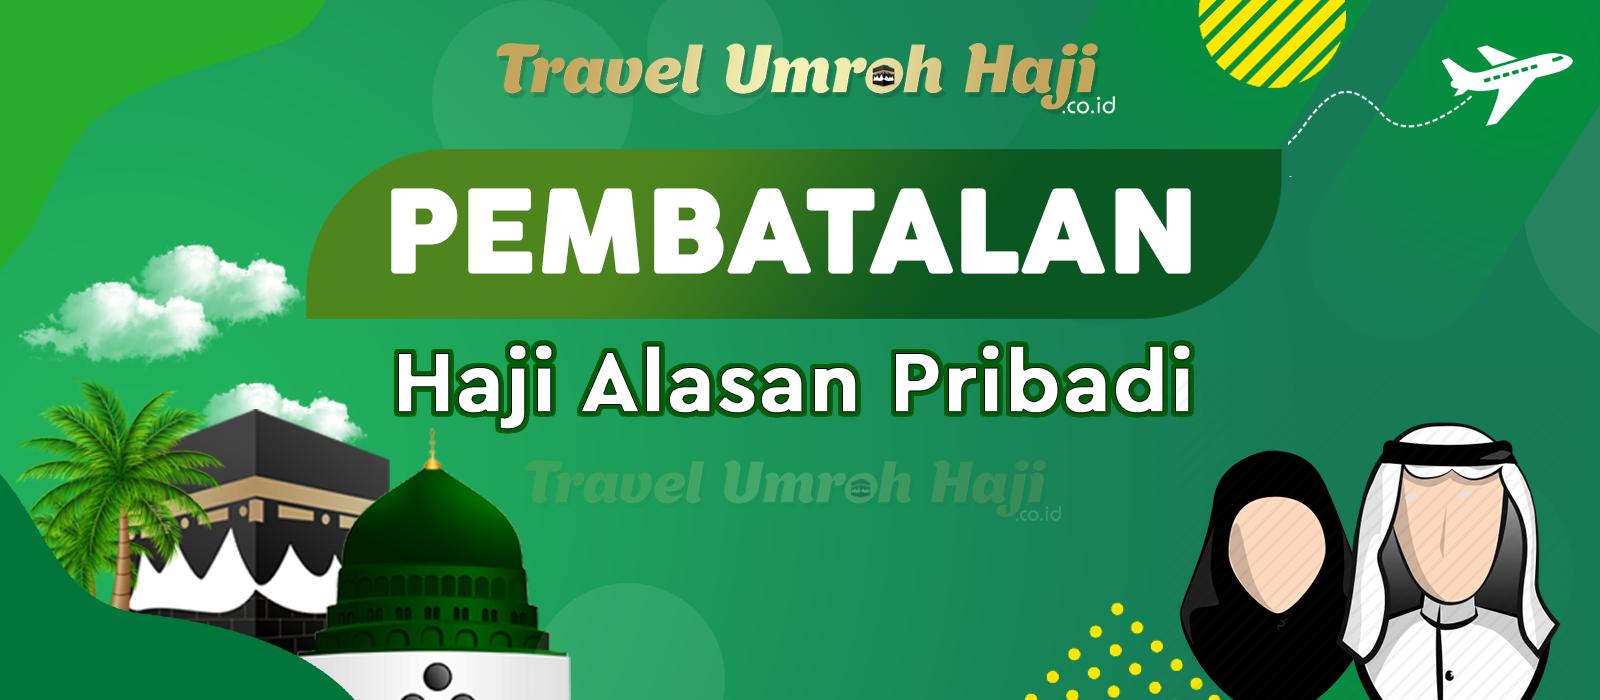 Pembatalan Haji Reguler, karena alasan Pribadi atau Sakit